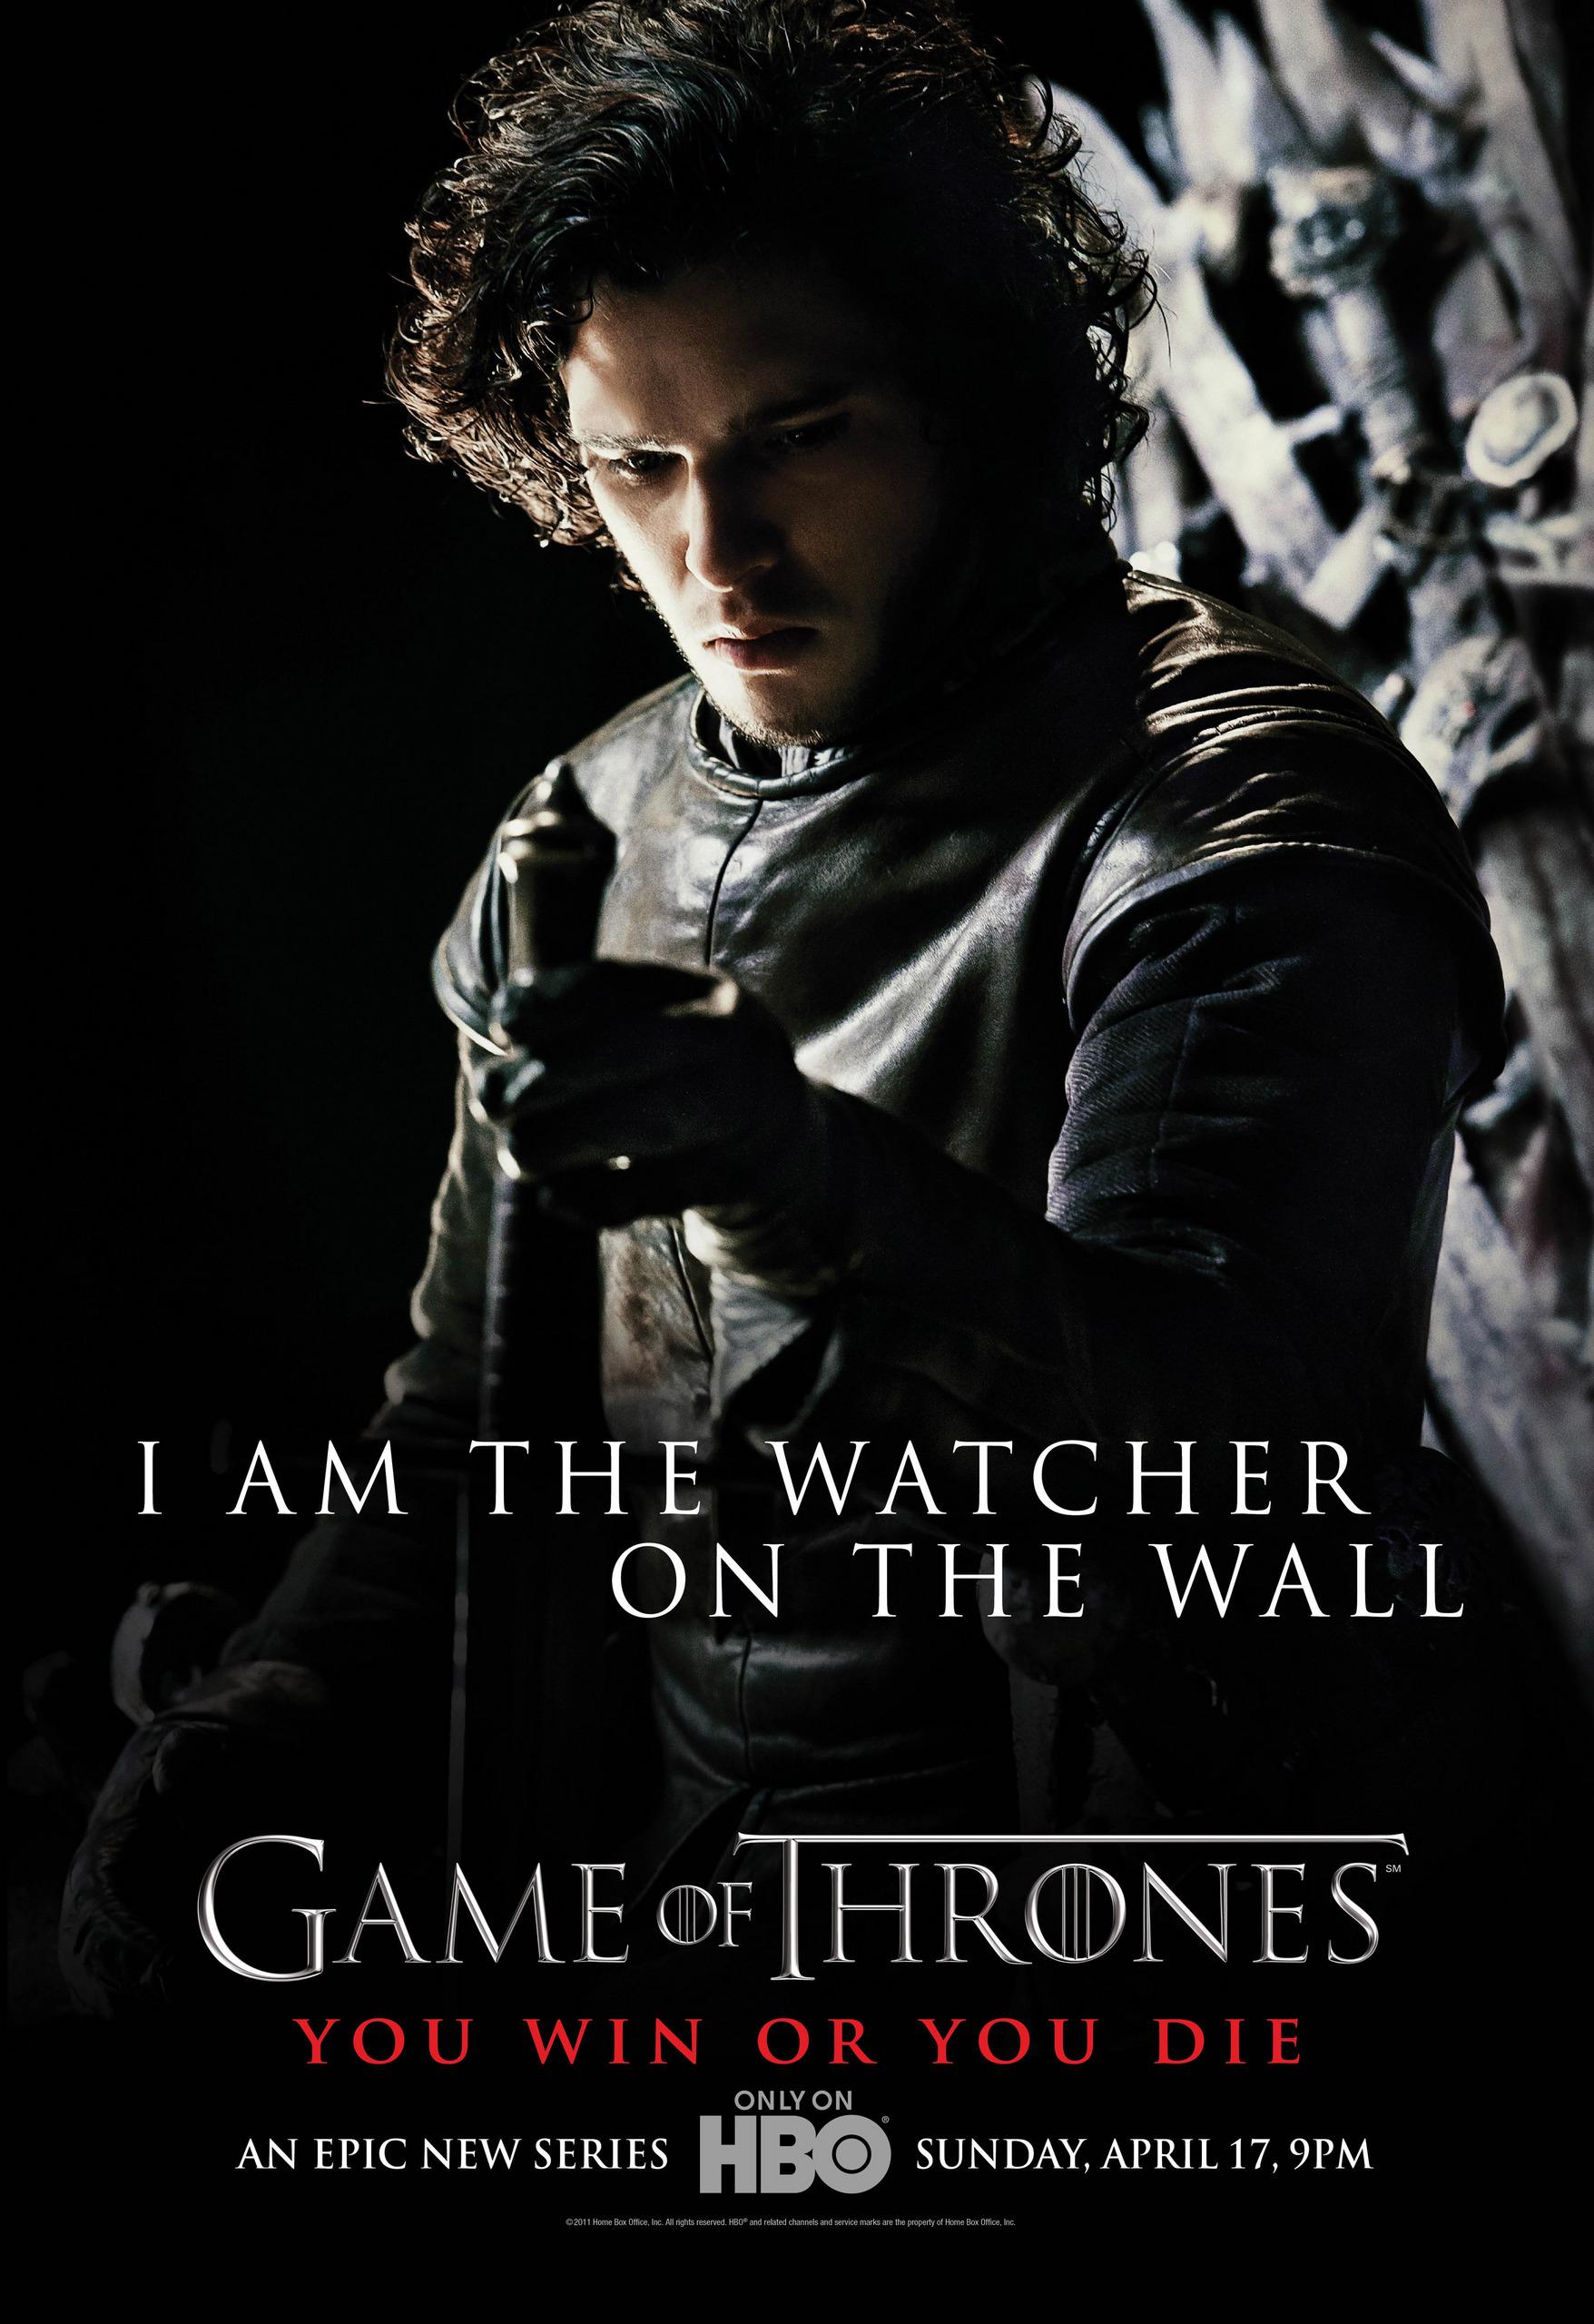 GOT Posters - Jon